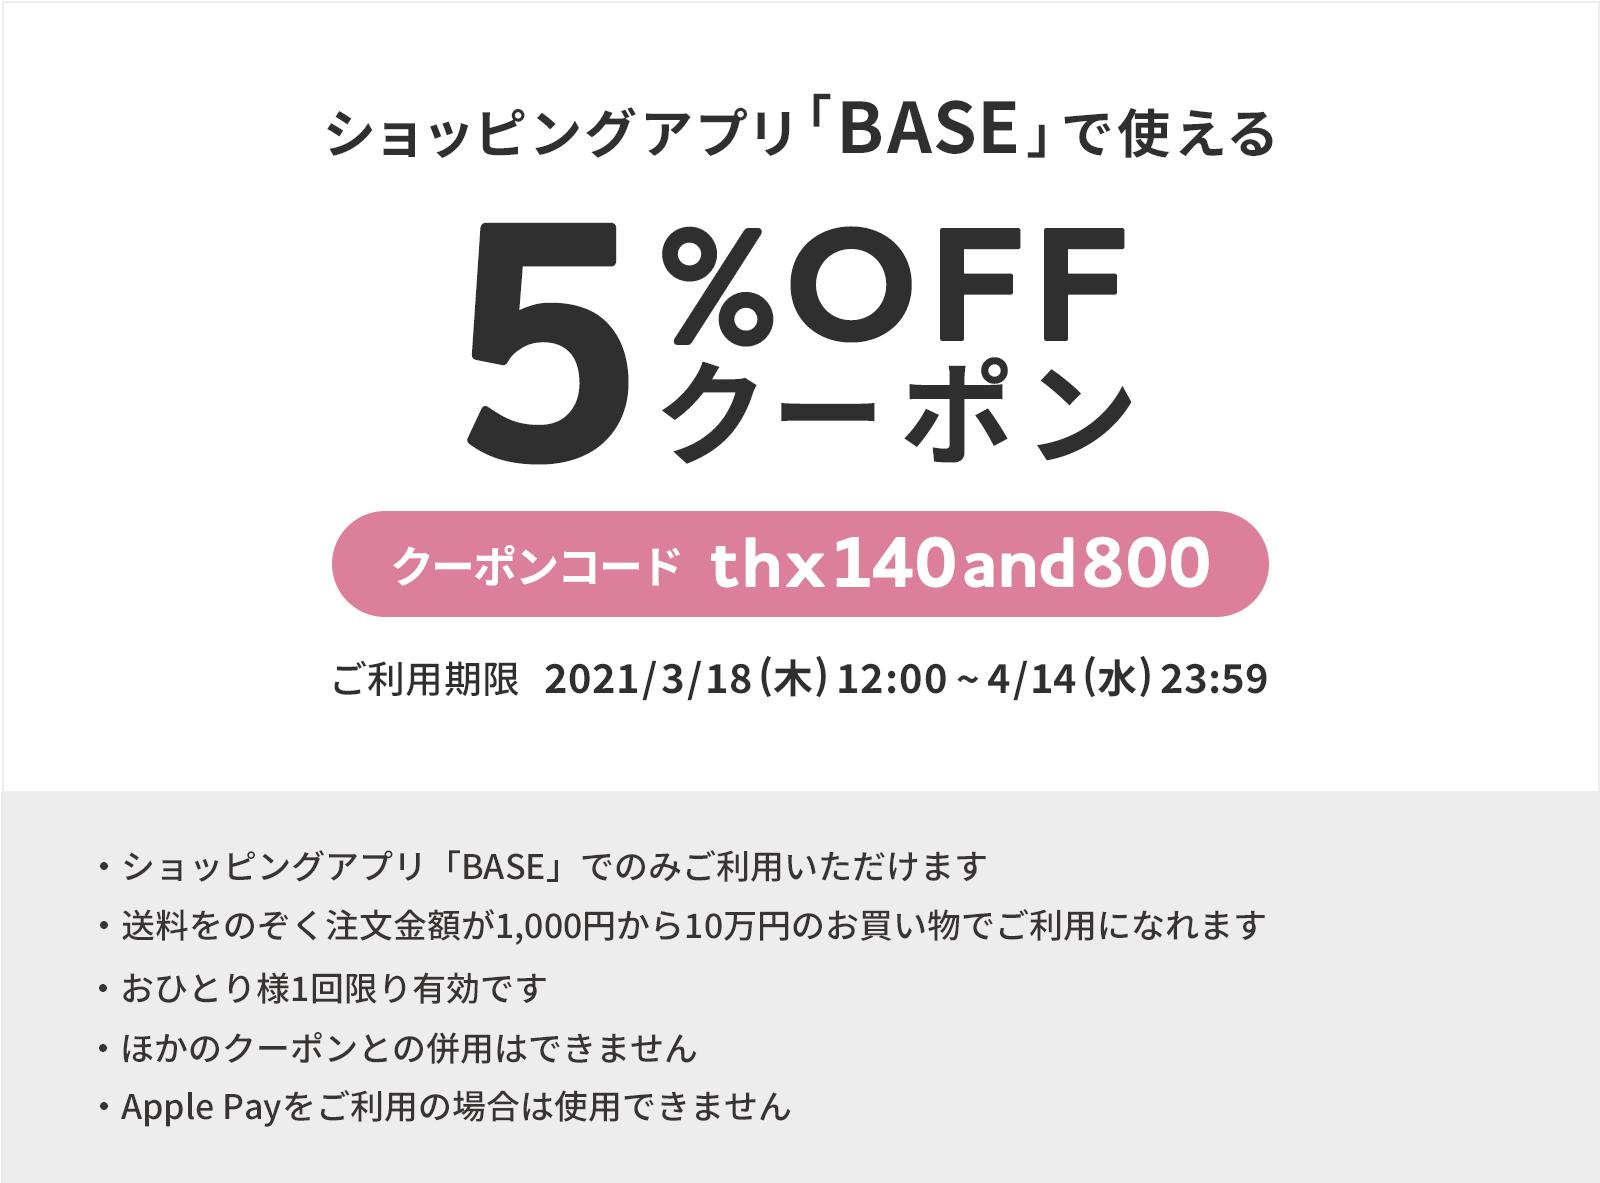 「BASE」ダウンロード数800万突破記念!お得なクーポン券が発行されました(^^♪